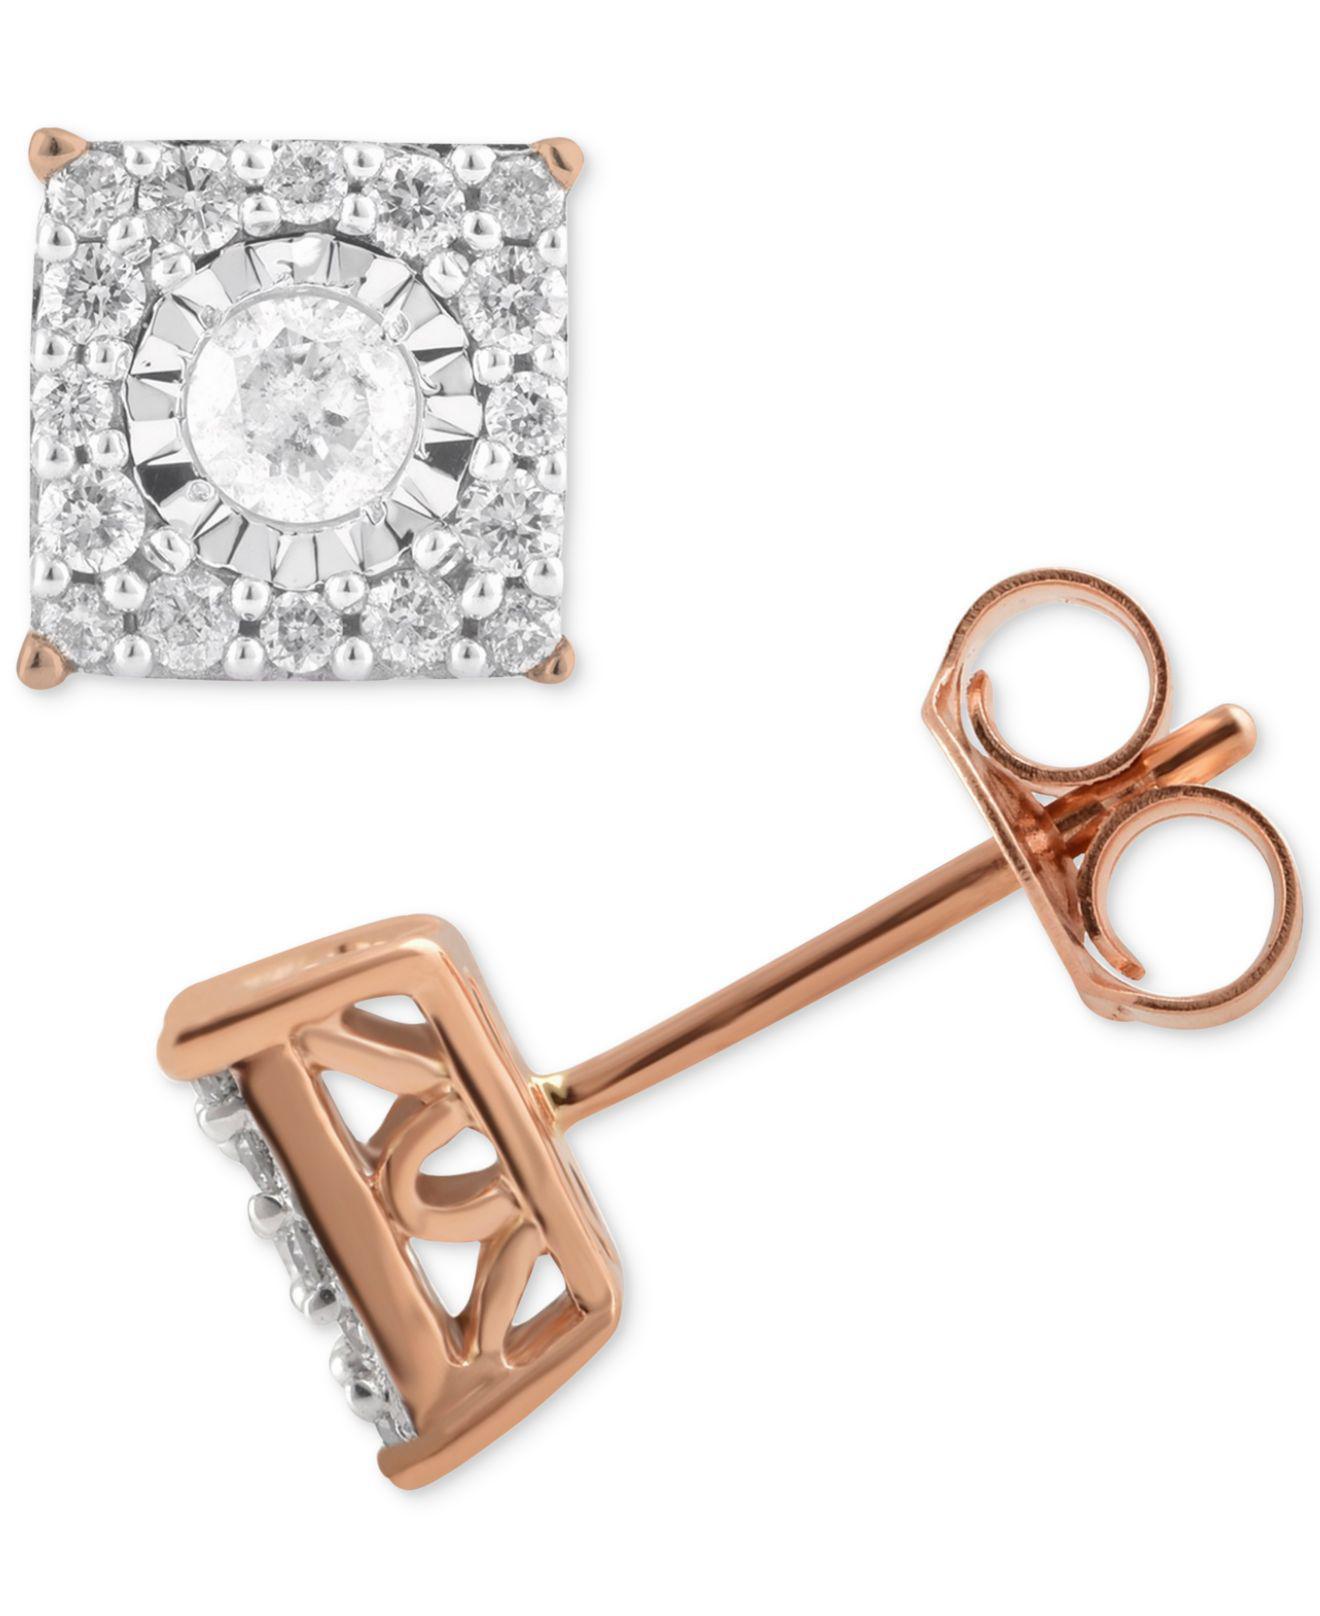 efad48dc7 Lyst - Macy's Diamond Cluster Stud Earrings (1/3 Ct. T.w.) In 14k ...